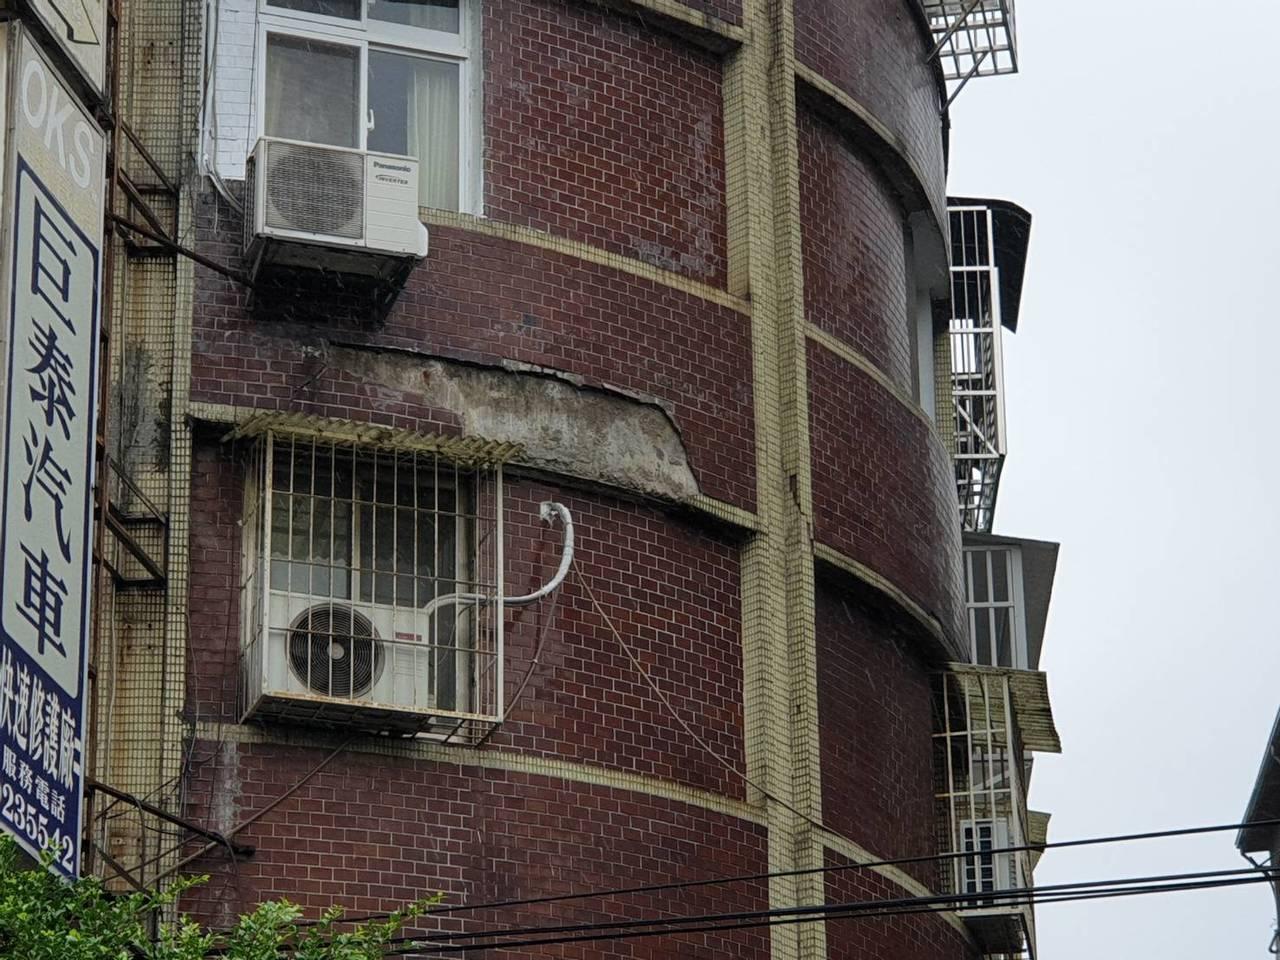 新北市永和區保平路一處5層樓公寓,今天中午突然有大量磁磚剝落,從3樓公寓外牆掉落...